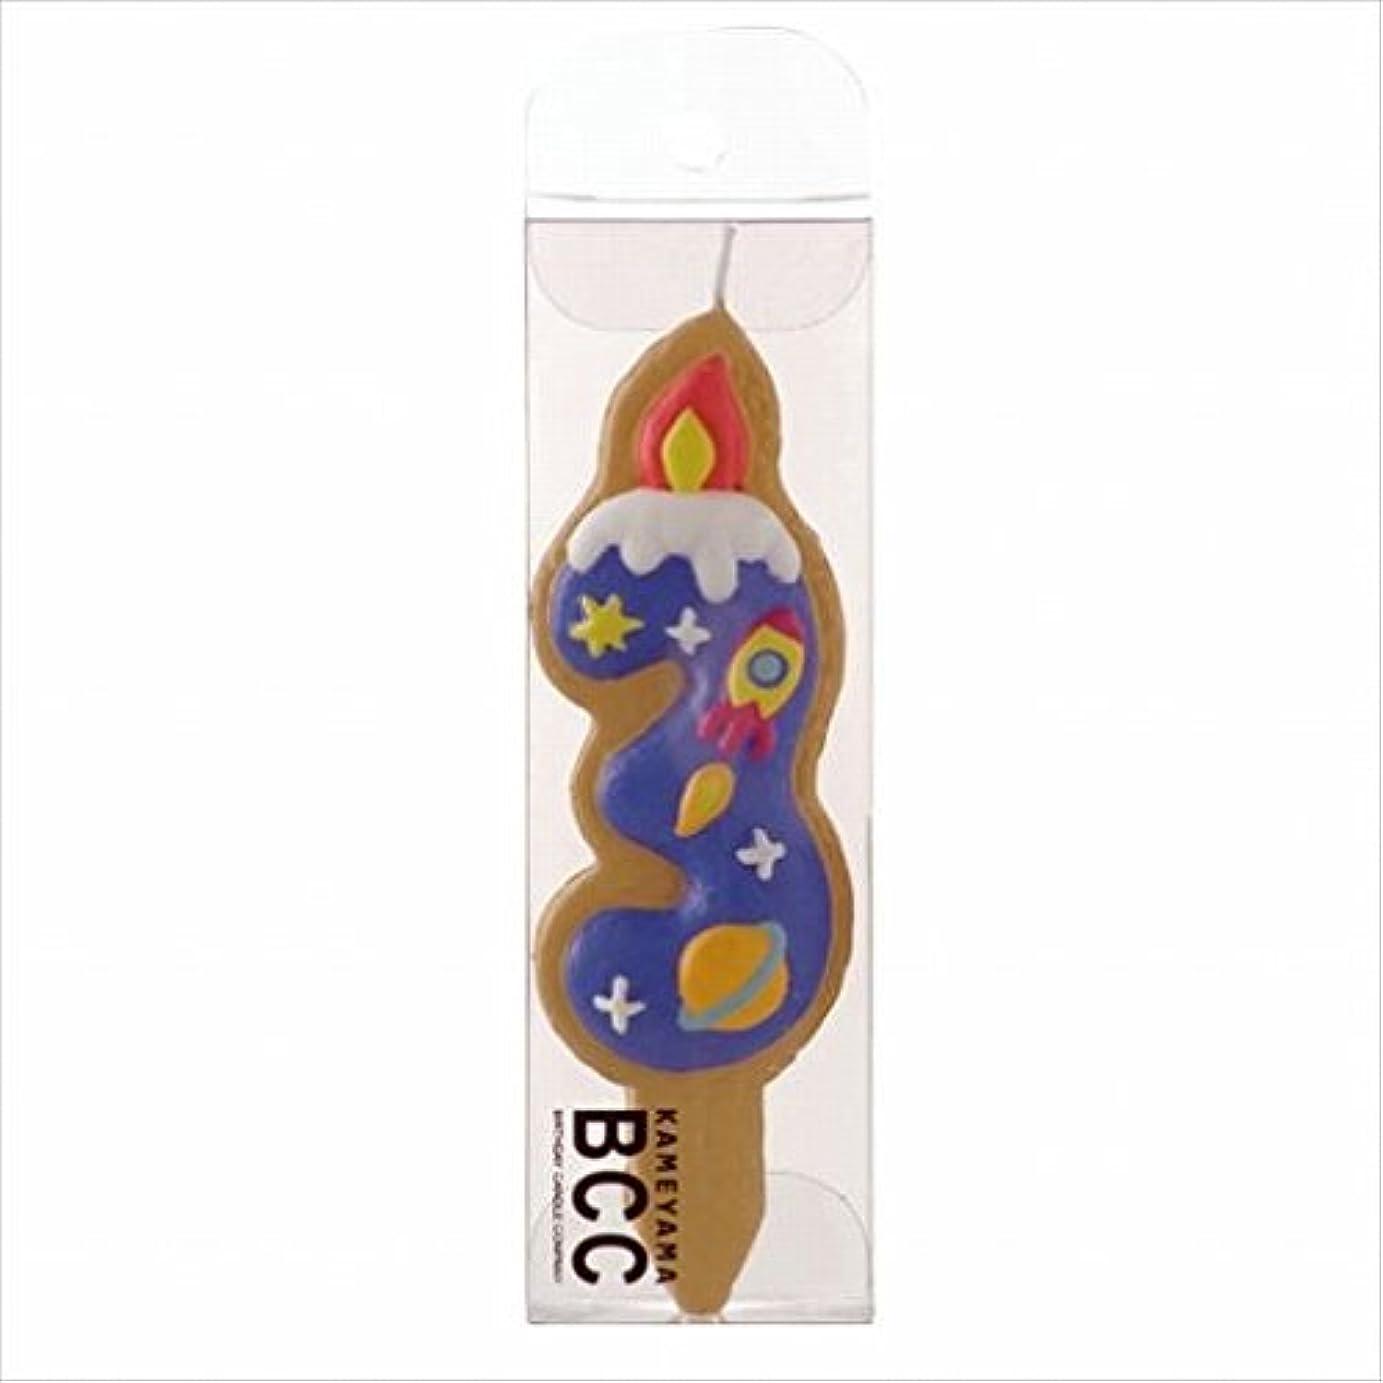 普通にラッチ恥ずかしさカメヤマキャンドル( kameyama candle ) クッキーナンバーキャンドル 3番 ロケット ケーキ用